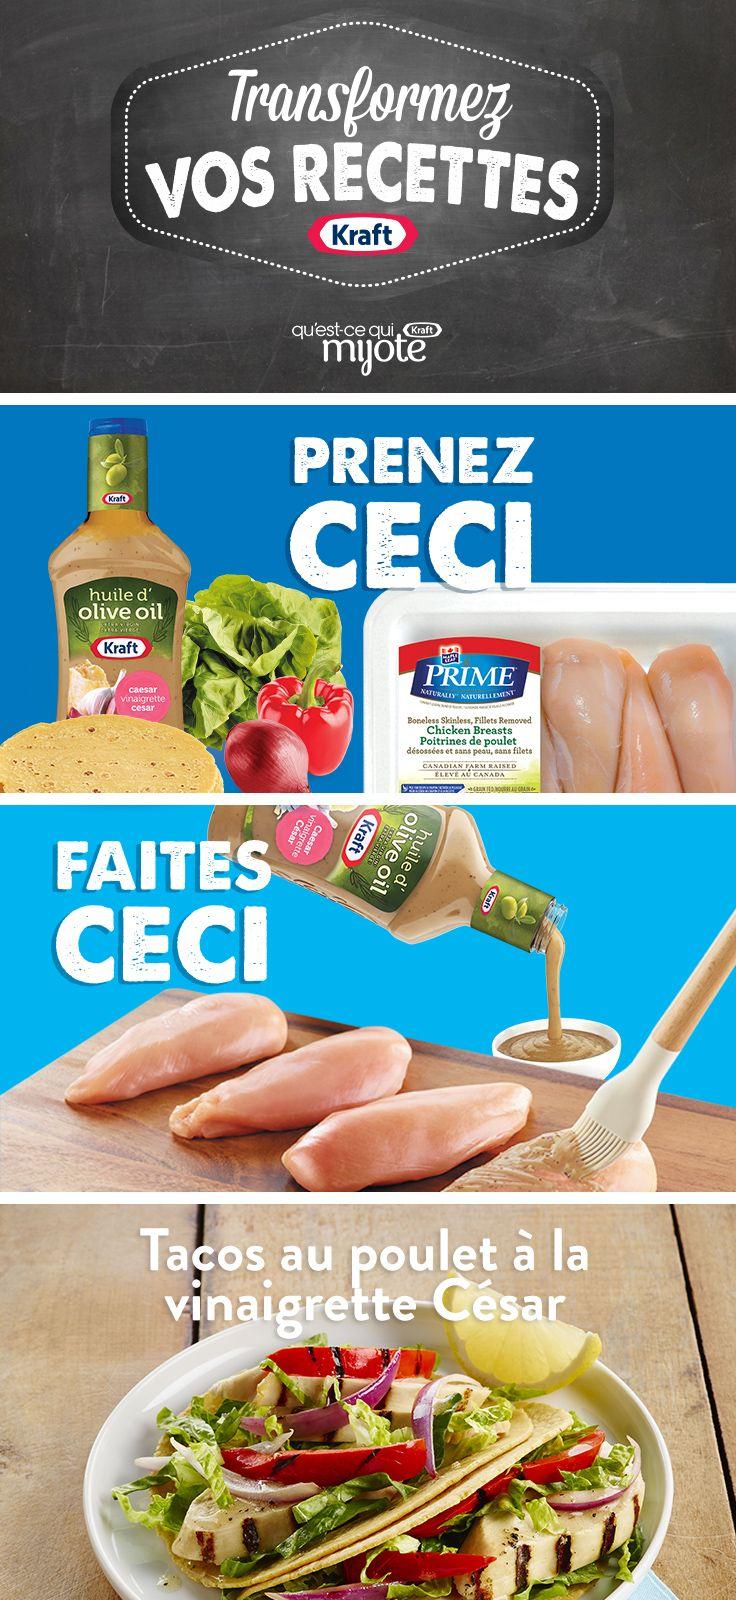 Tacos au poulet à la vinaigrette César #recette